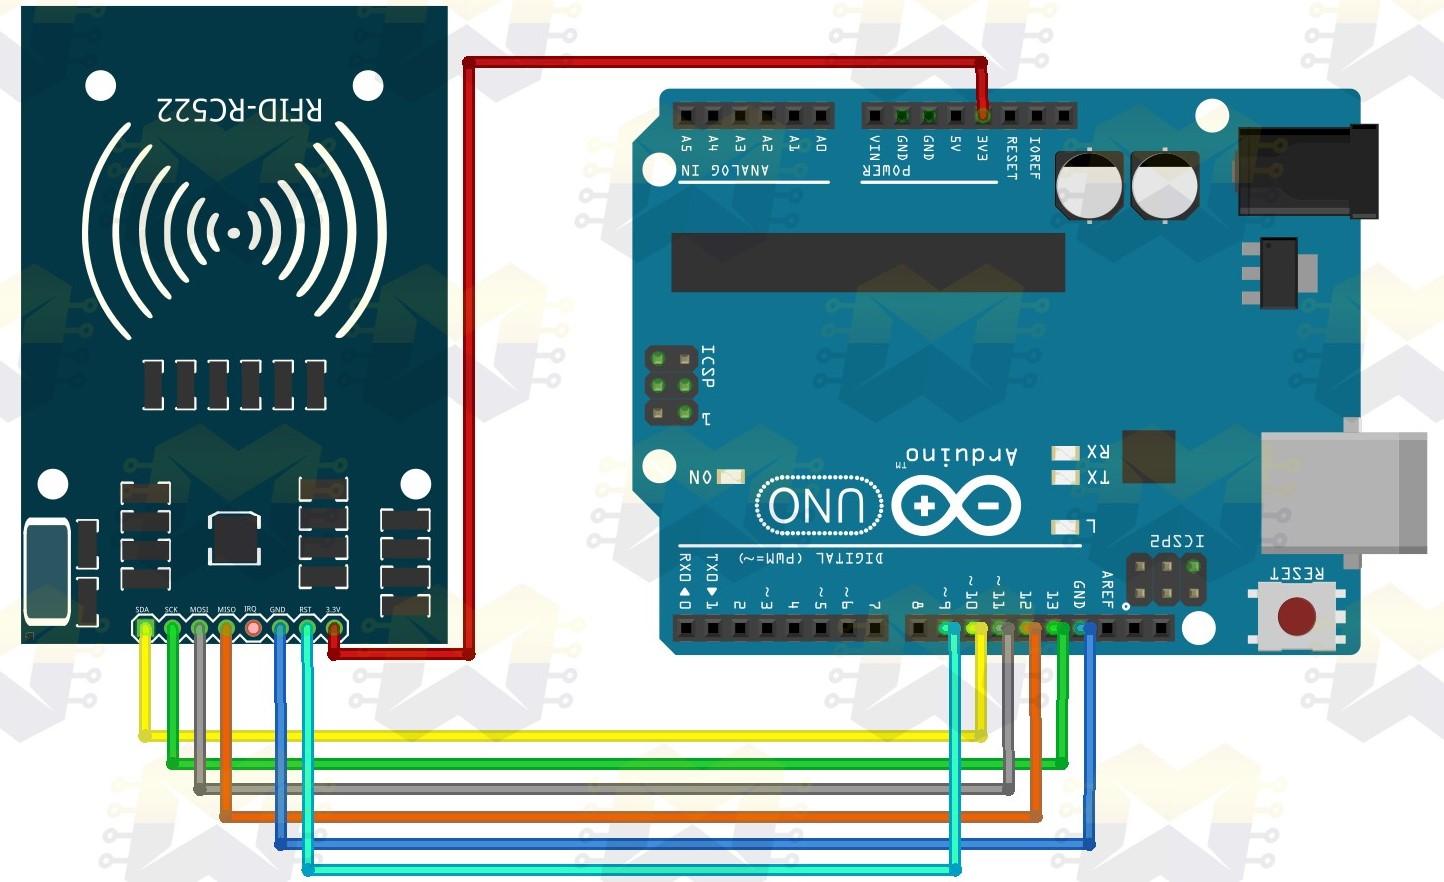 img01_como_usar_com_arduino_-_kit_rfid_mfrc522_uno_mega_2560_nano_controle_acesso_automacao_residencial